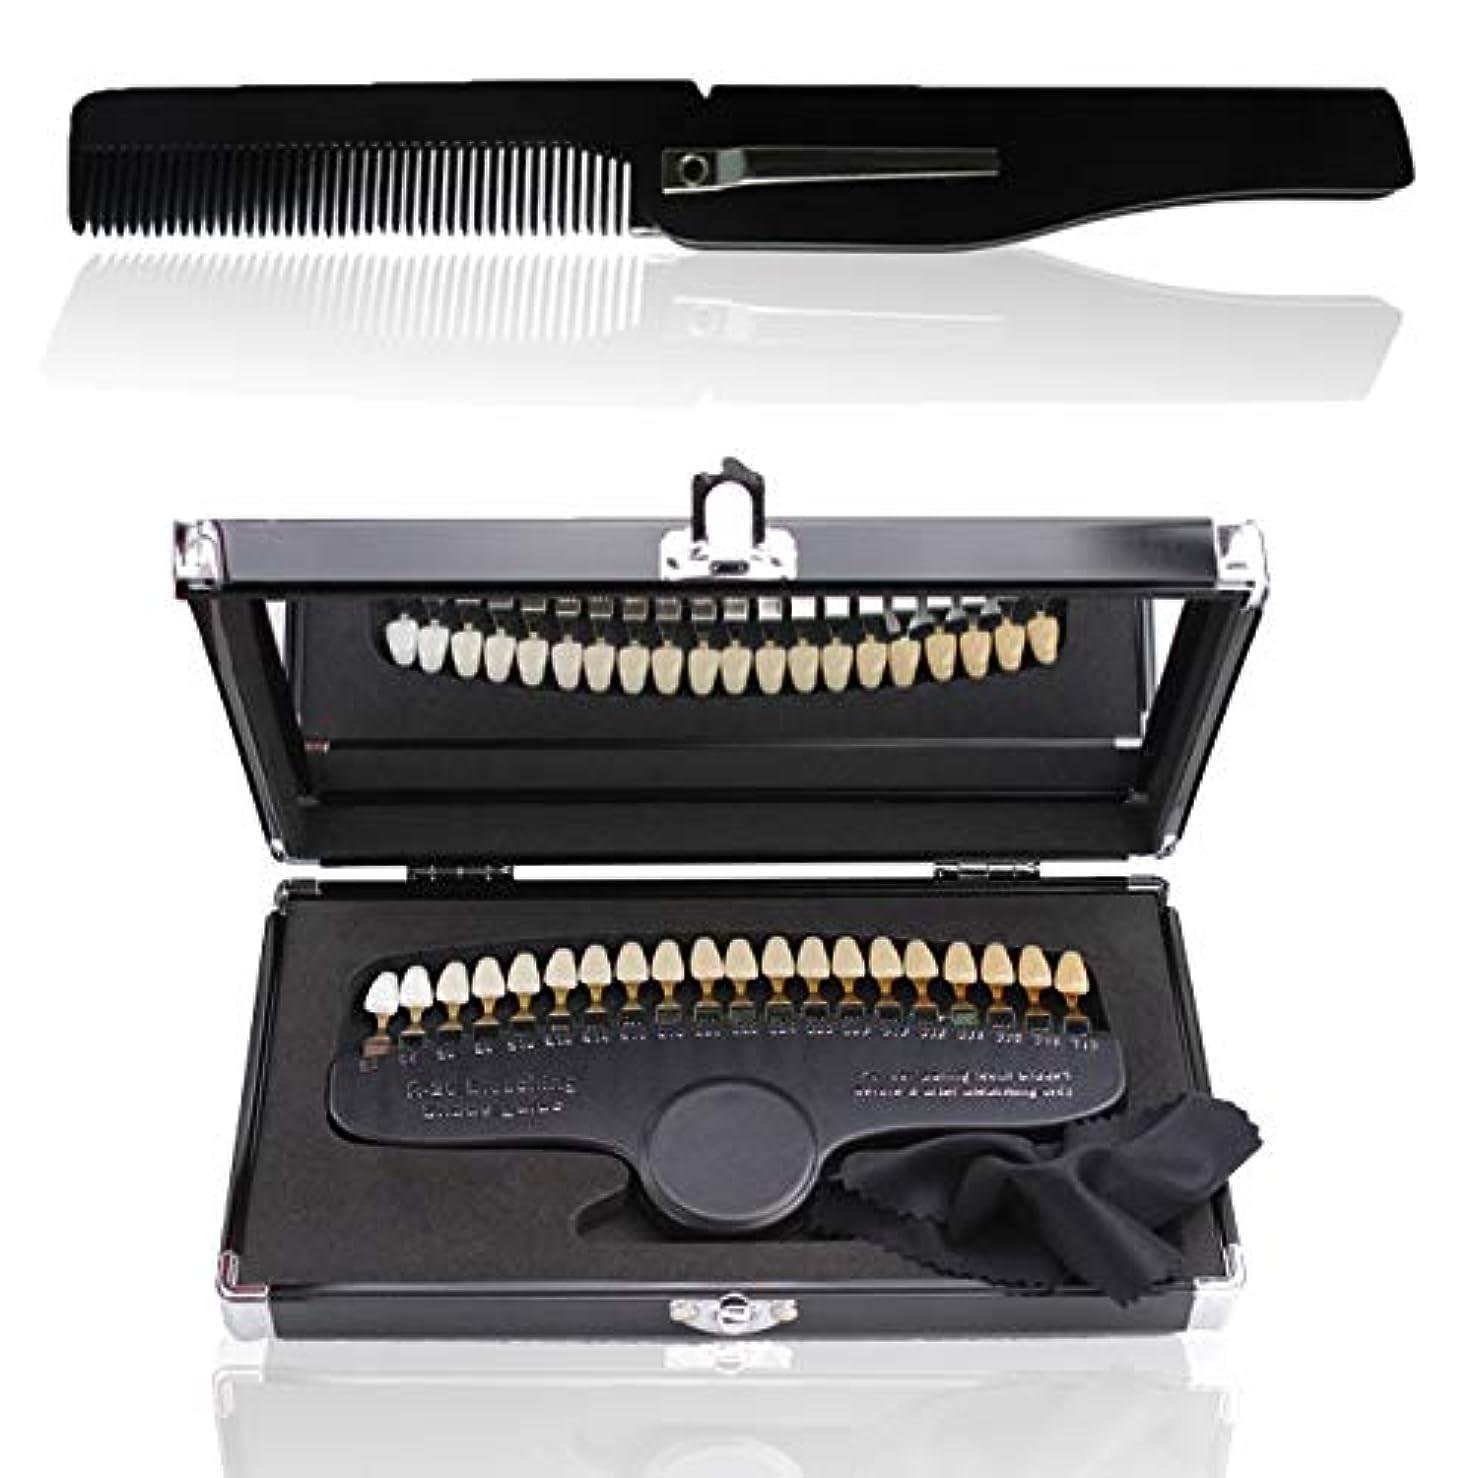 リーチ舌なランチョンフェリモア 歯 シェードガイド 色見本 歯列模型 段階的 櫛付き 鏡付き 収納ケース付き 20段階 (20段階)